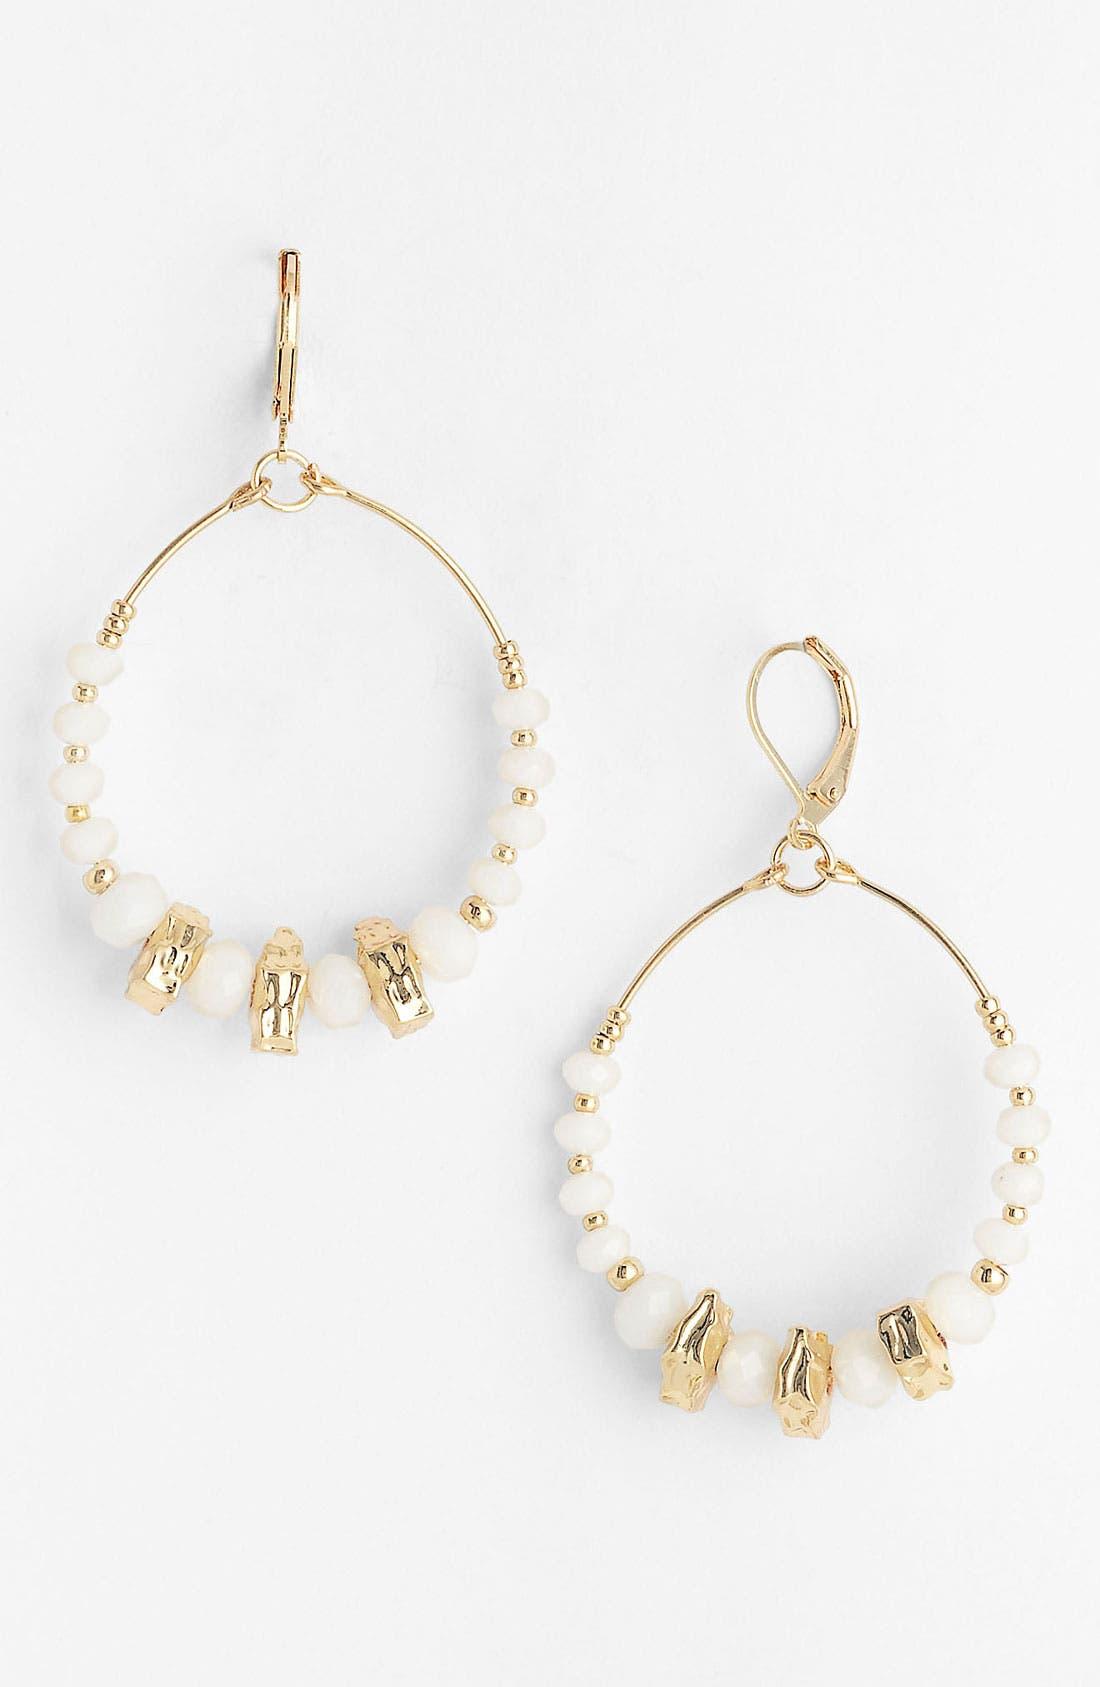 Alternate Image 1 Selected - Nordstrom Frontal Hoop Earrings